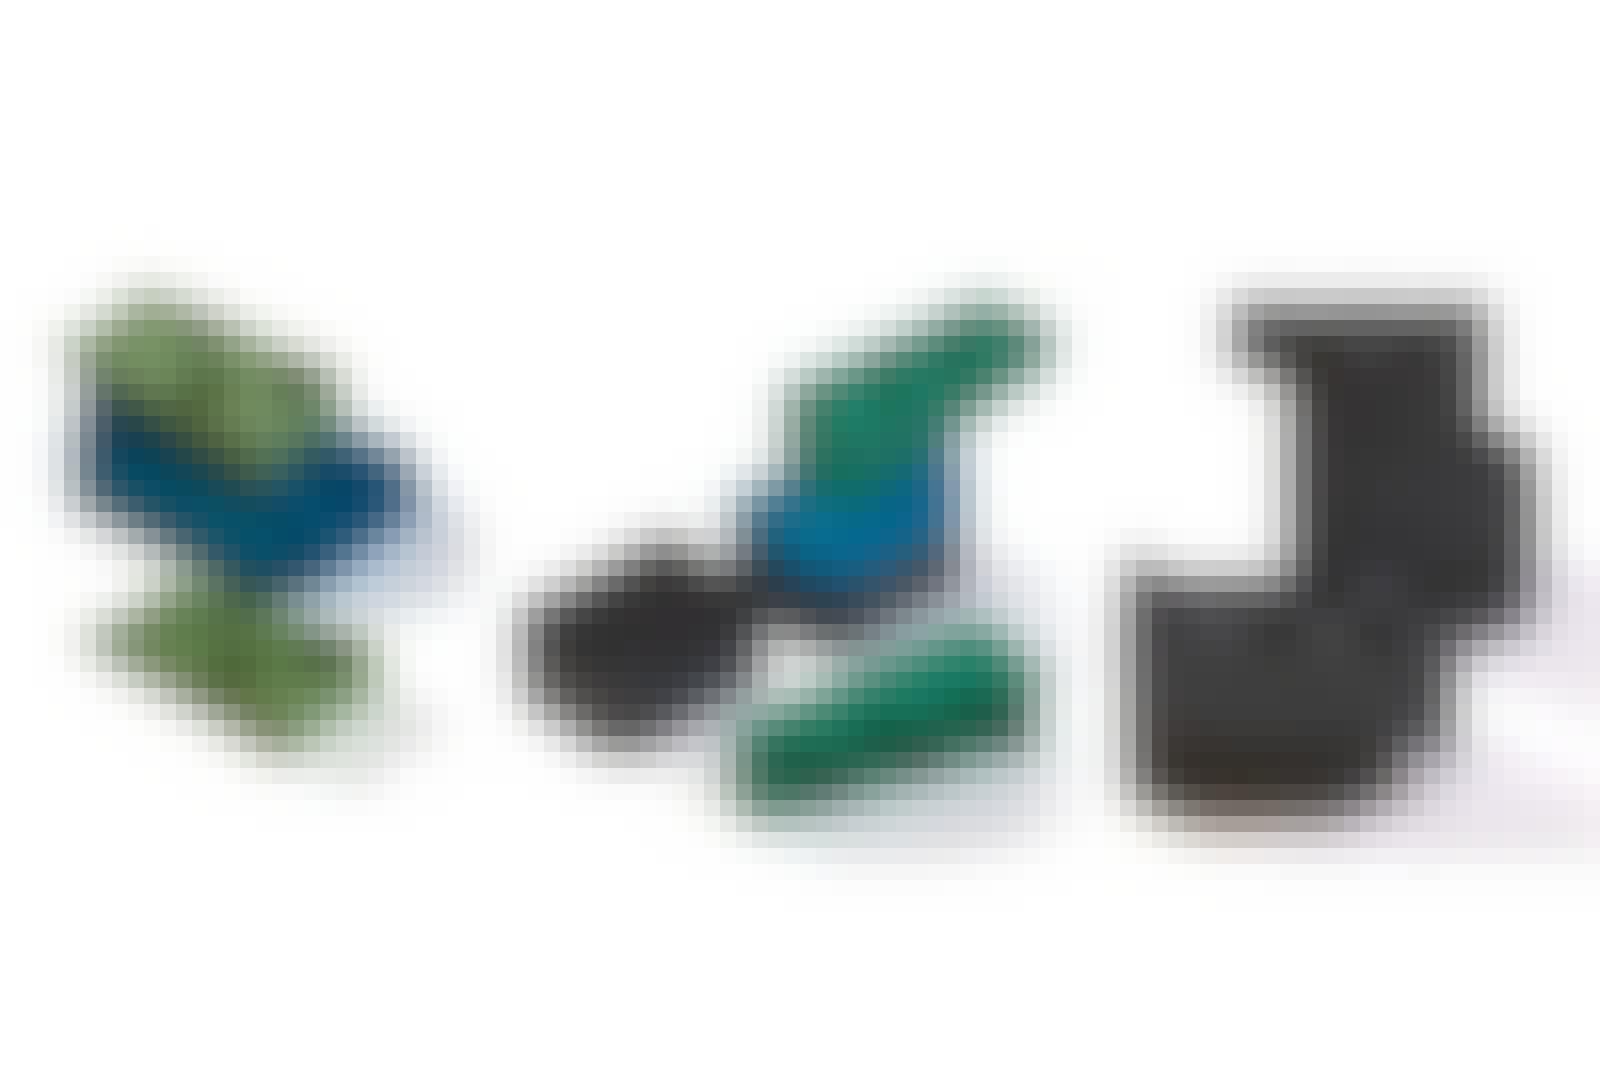 Træterrasse konstruktion: Klods op med kiler af plastik til træterrassen